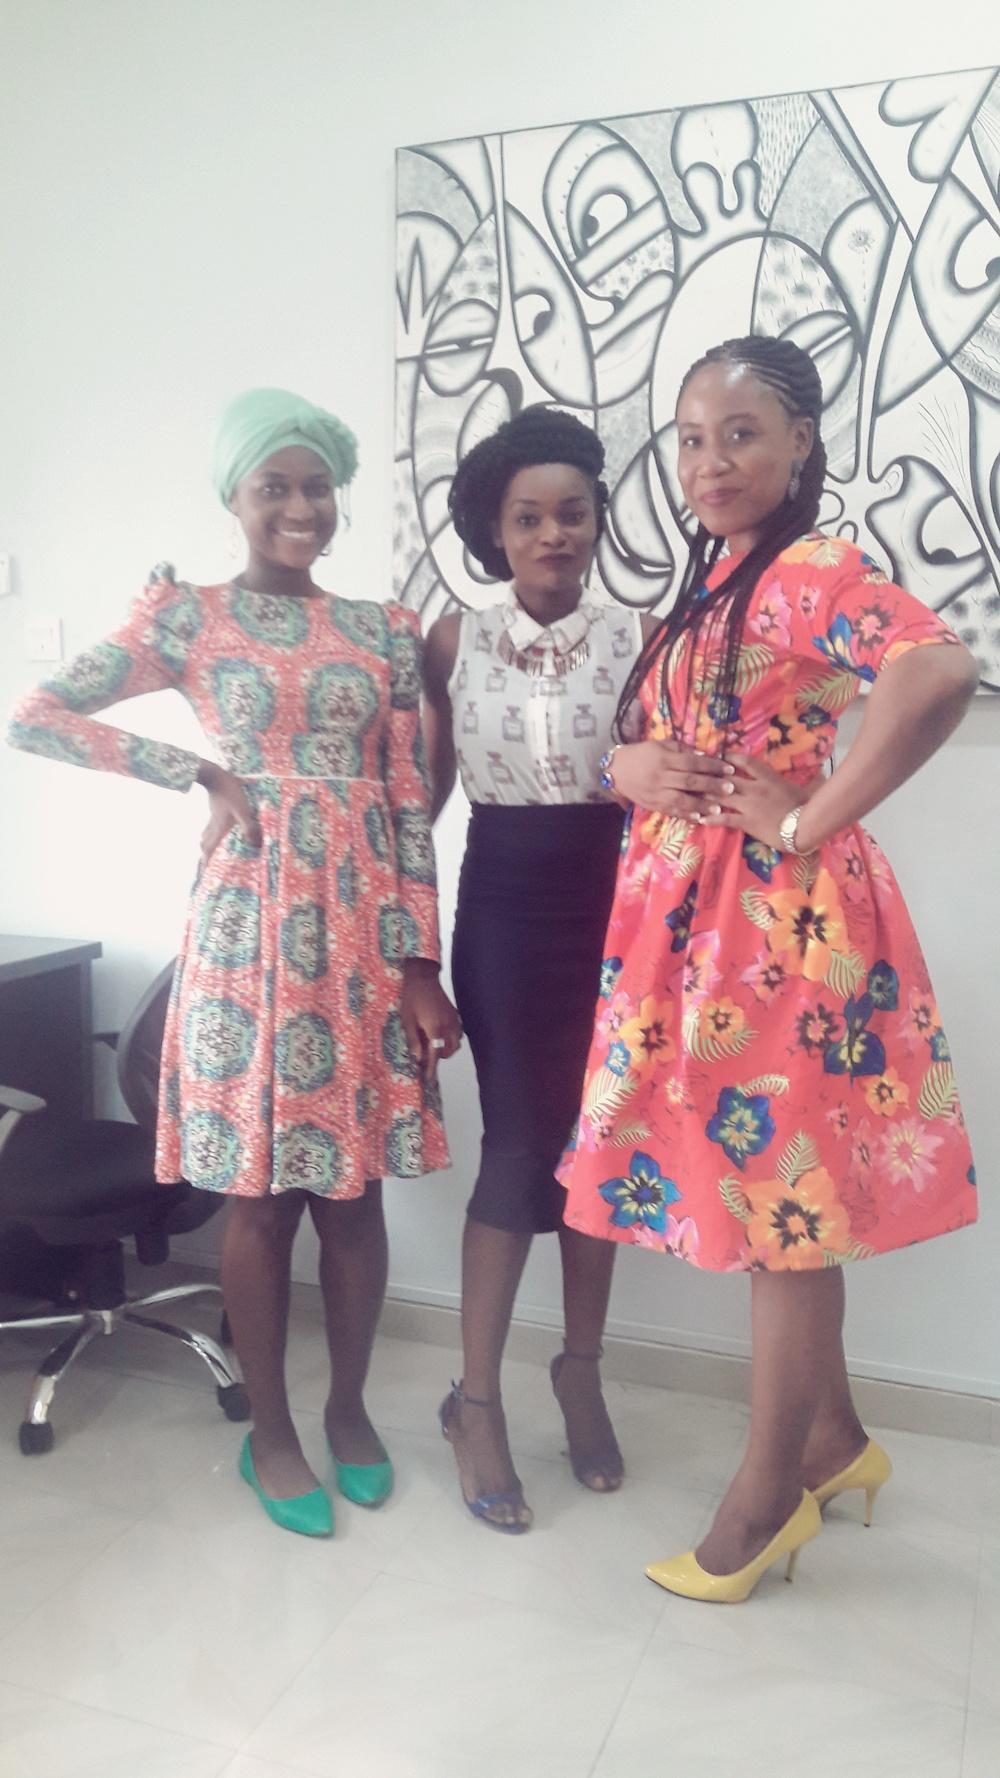 The CapitalSquare Ladies!